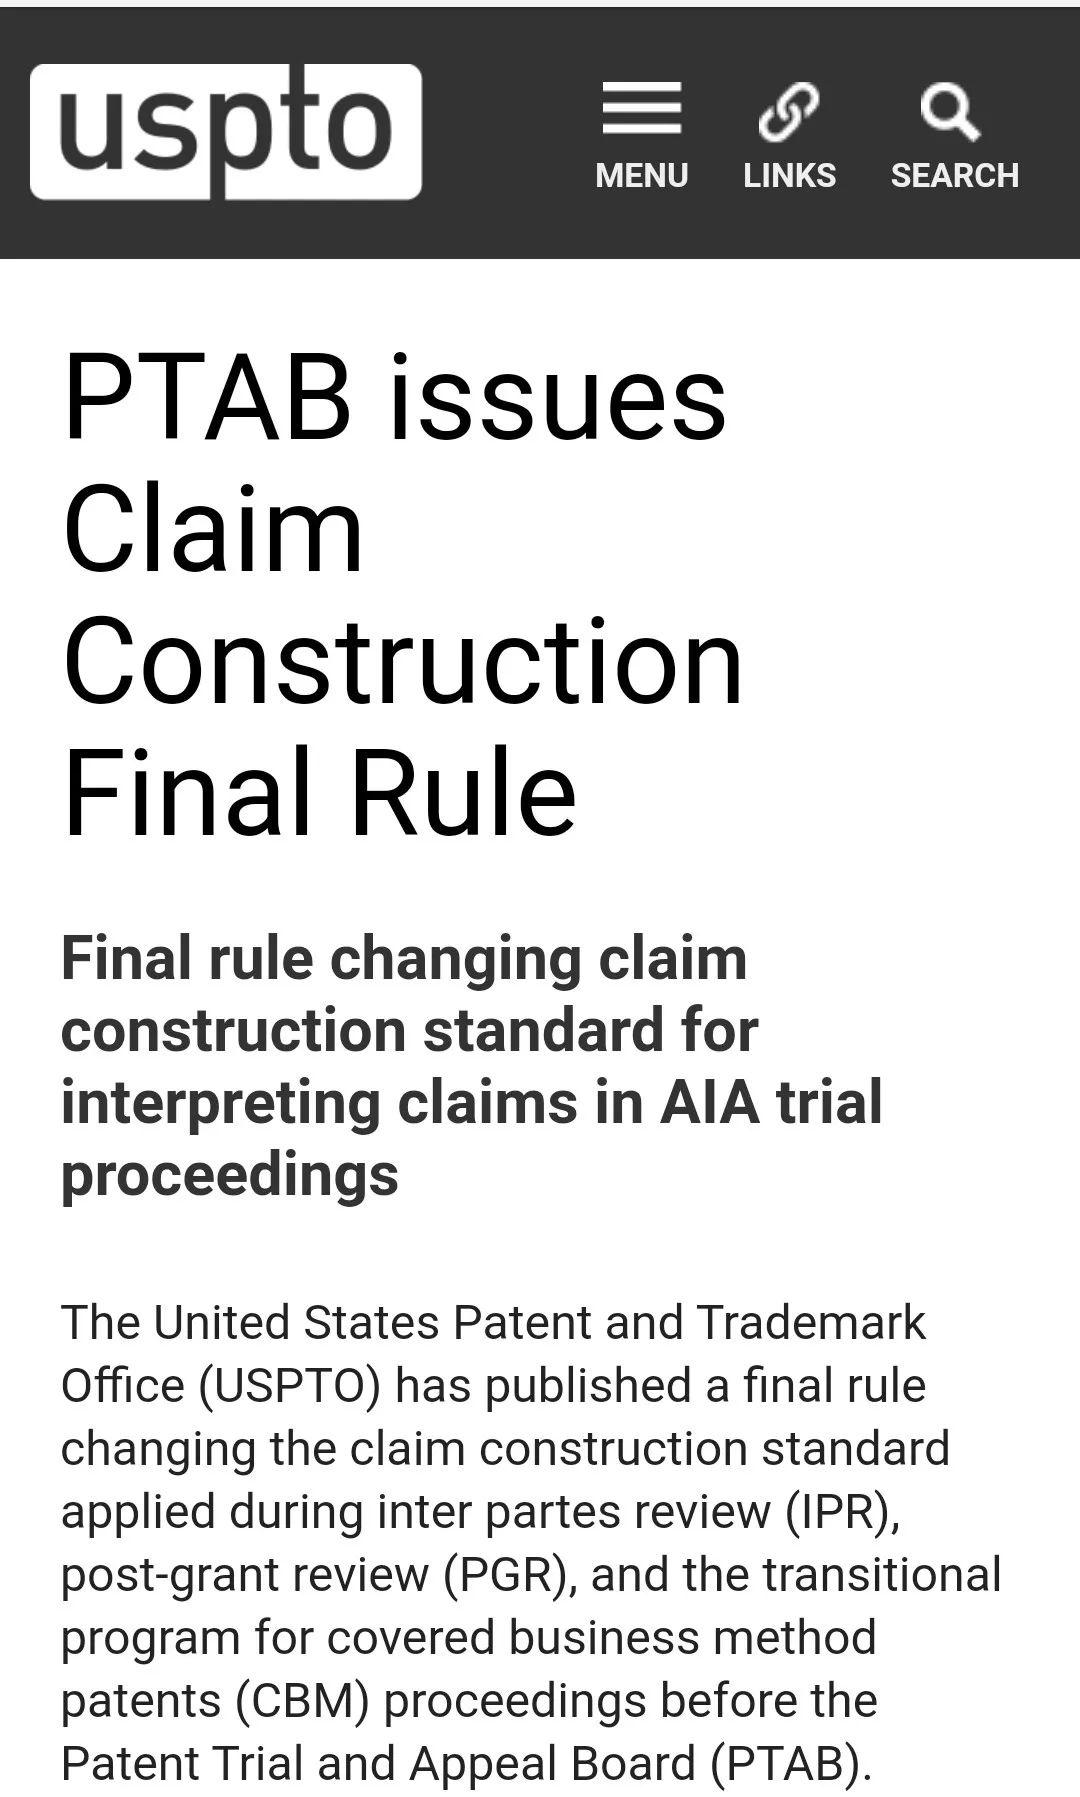 美国专利又一大事件!USPTO修改无效程序权利要求解释标准(附规则原文)